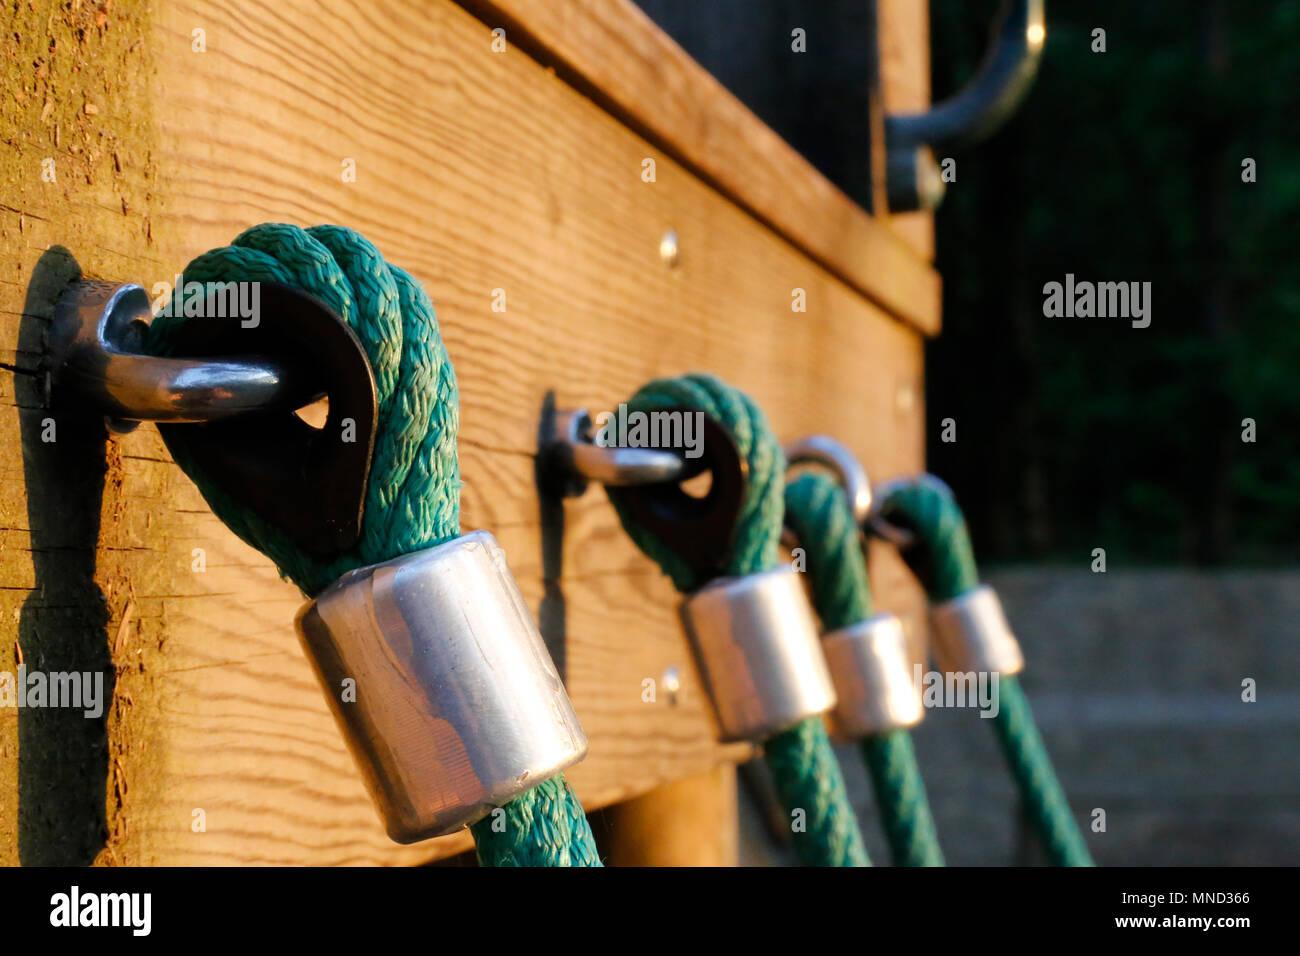 Klettergerüst Mit Seilen : Klettergerüste für kinder oder klettergerüst mit haltegriffen